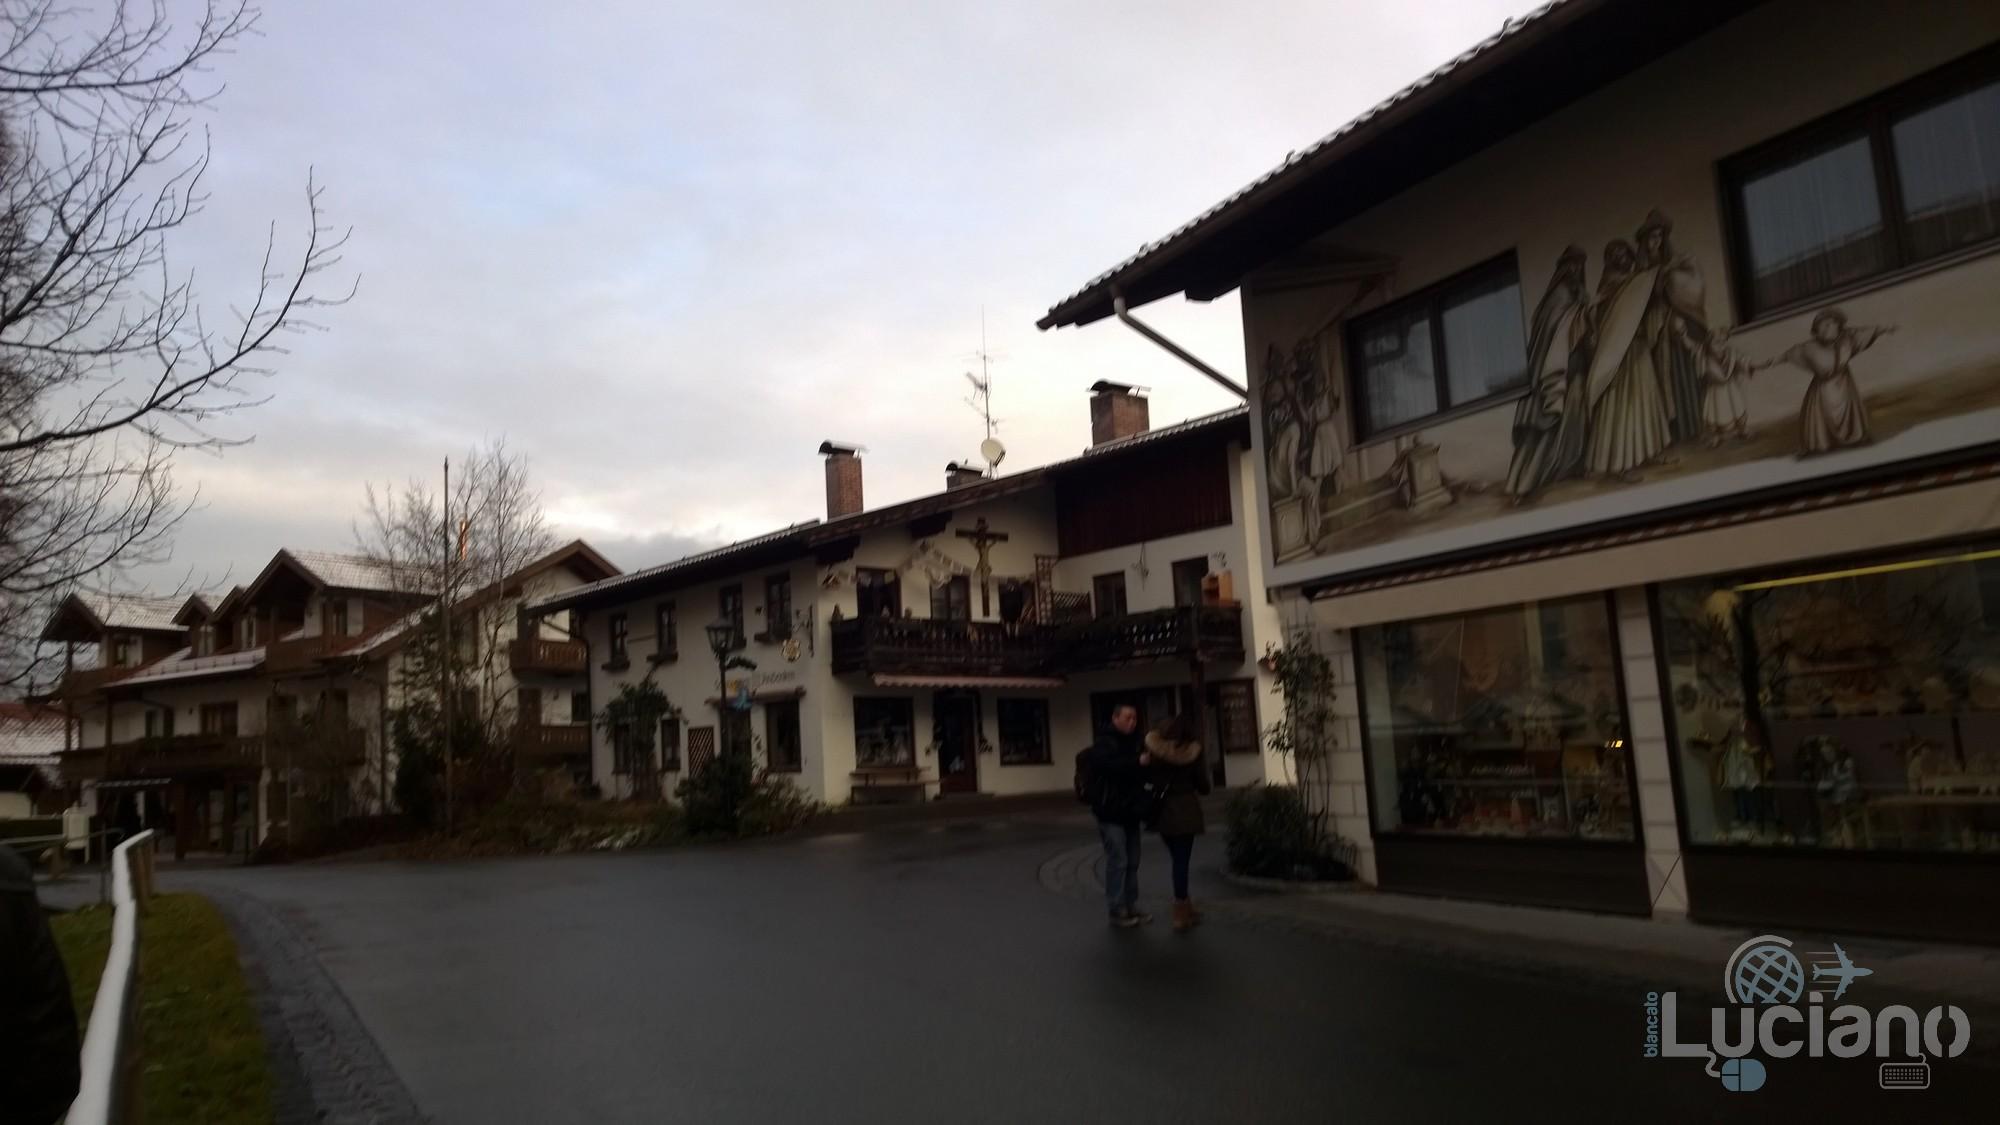 monaco-di-baviera-luciano-blancato (138)